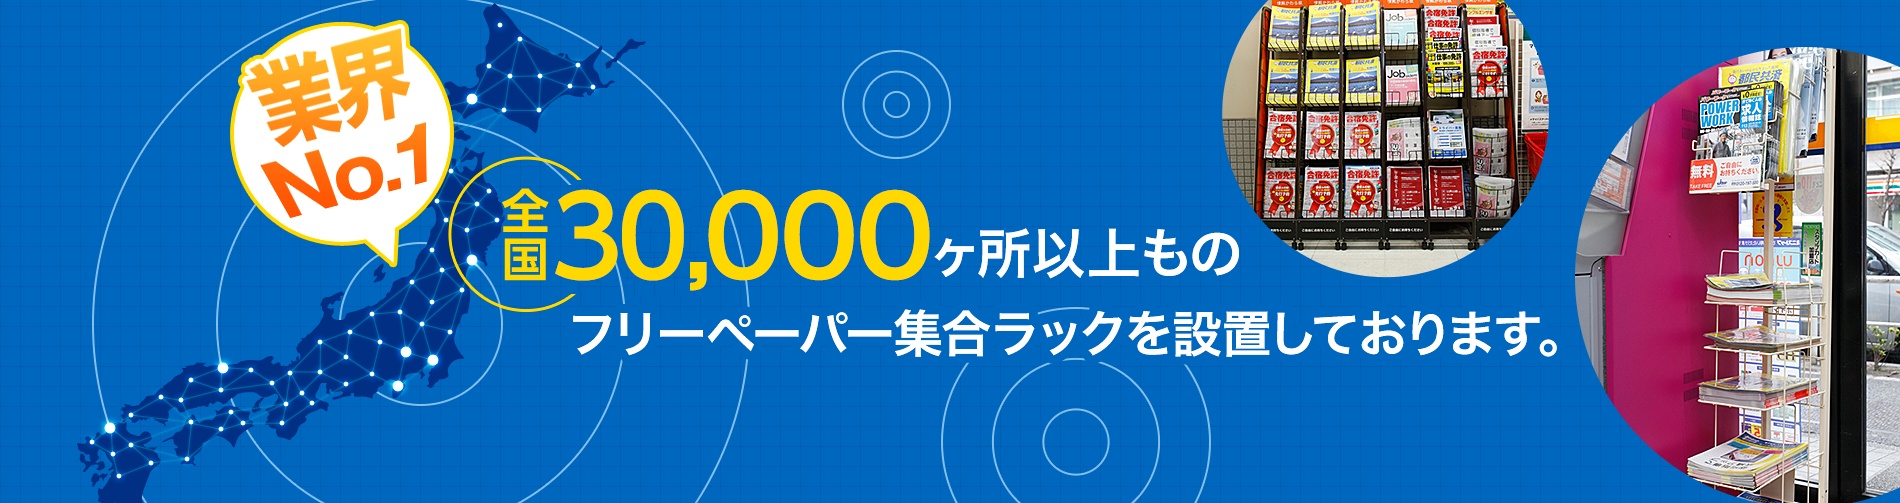 全国16000ヶ所以上ものフリーペーーパー集合ラックを設置しております。